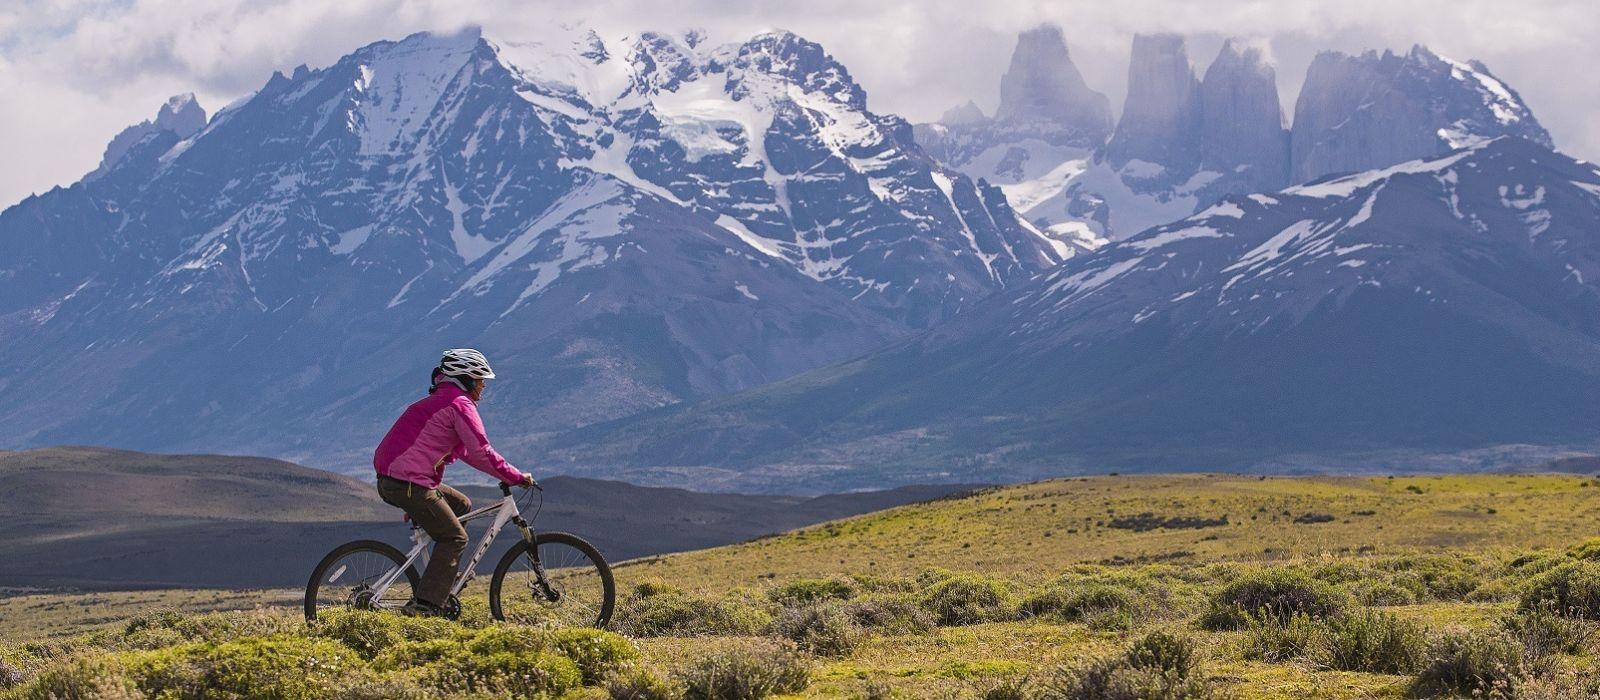 Chile Luxusreise: Außergewöhnlich mit Awasi Urlaub 7